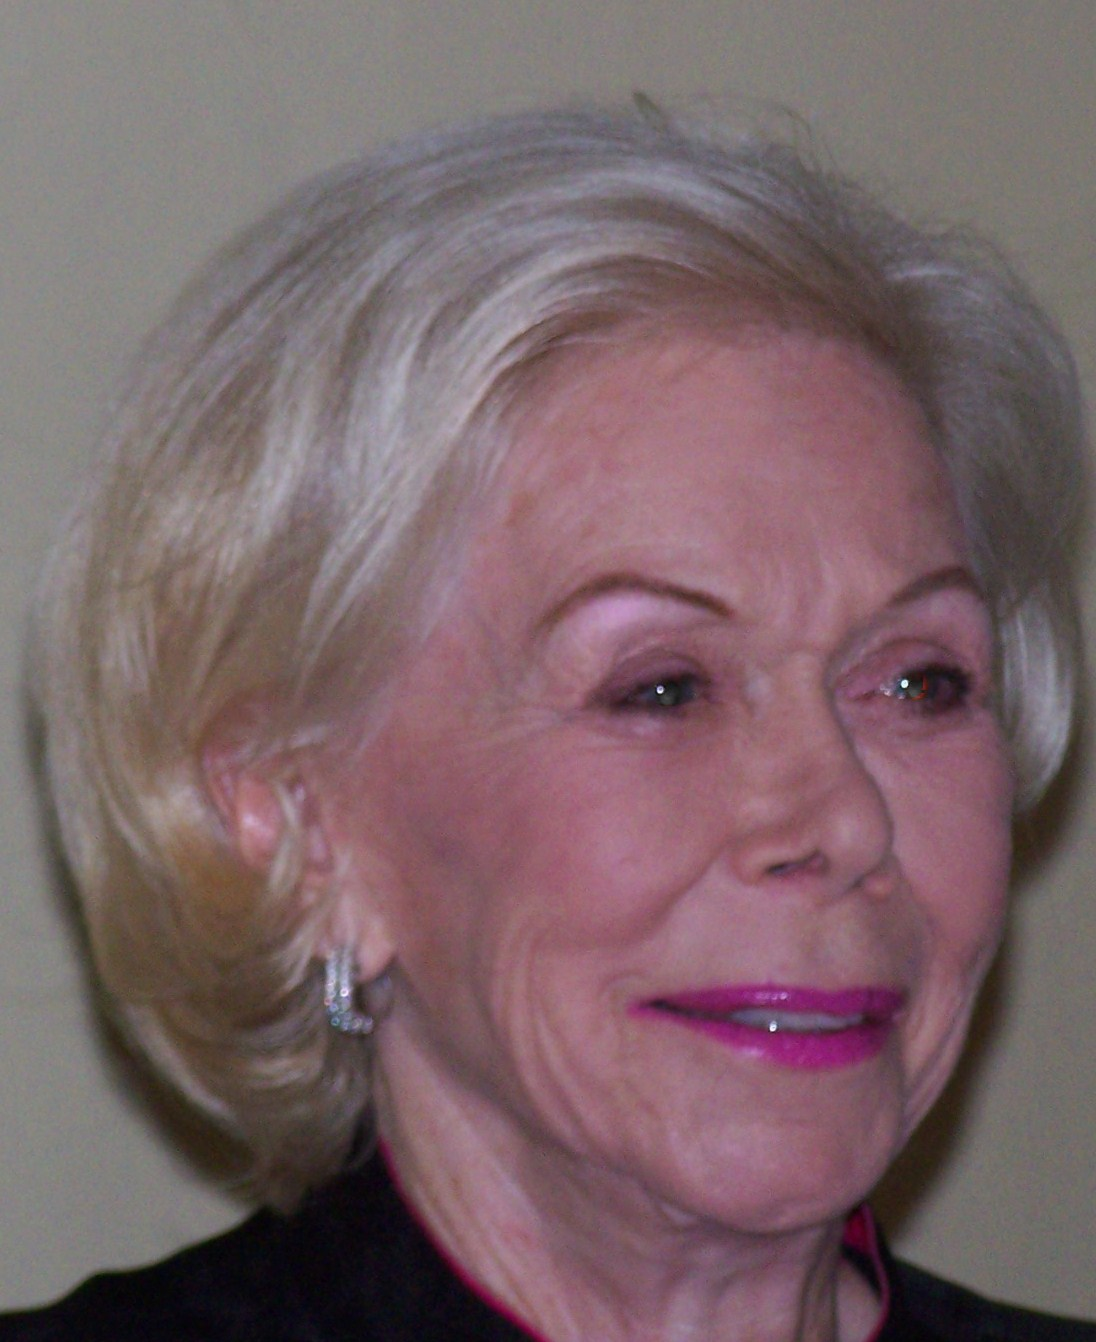 Itt hagyott minket Louise L. Hay spirituális tanító, halálhíre sokkolta a világot